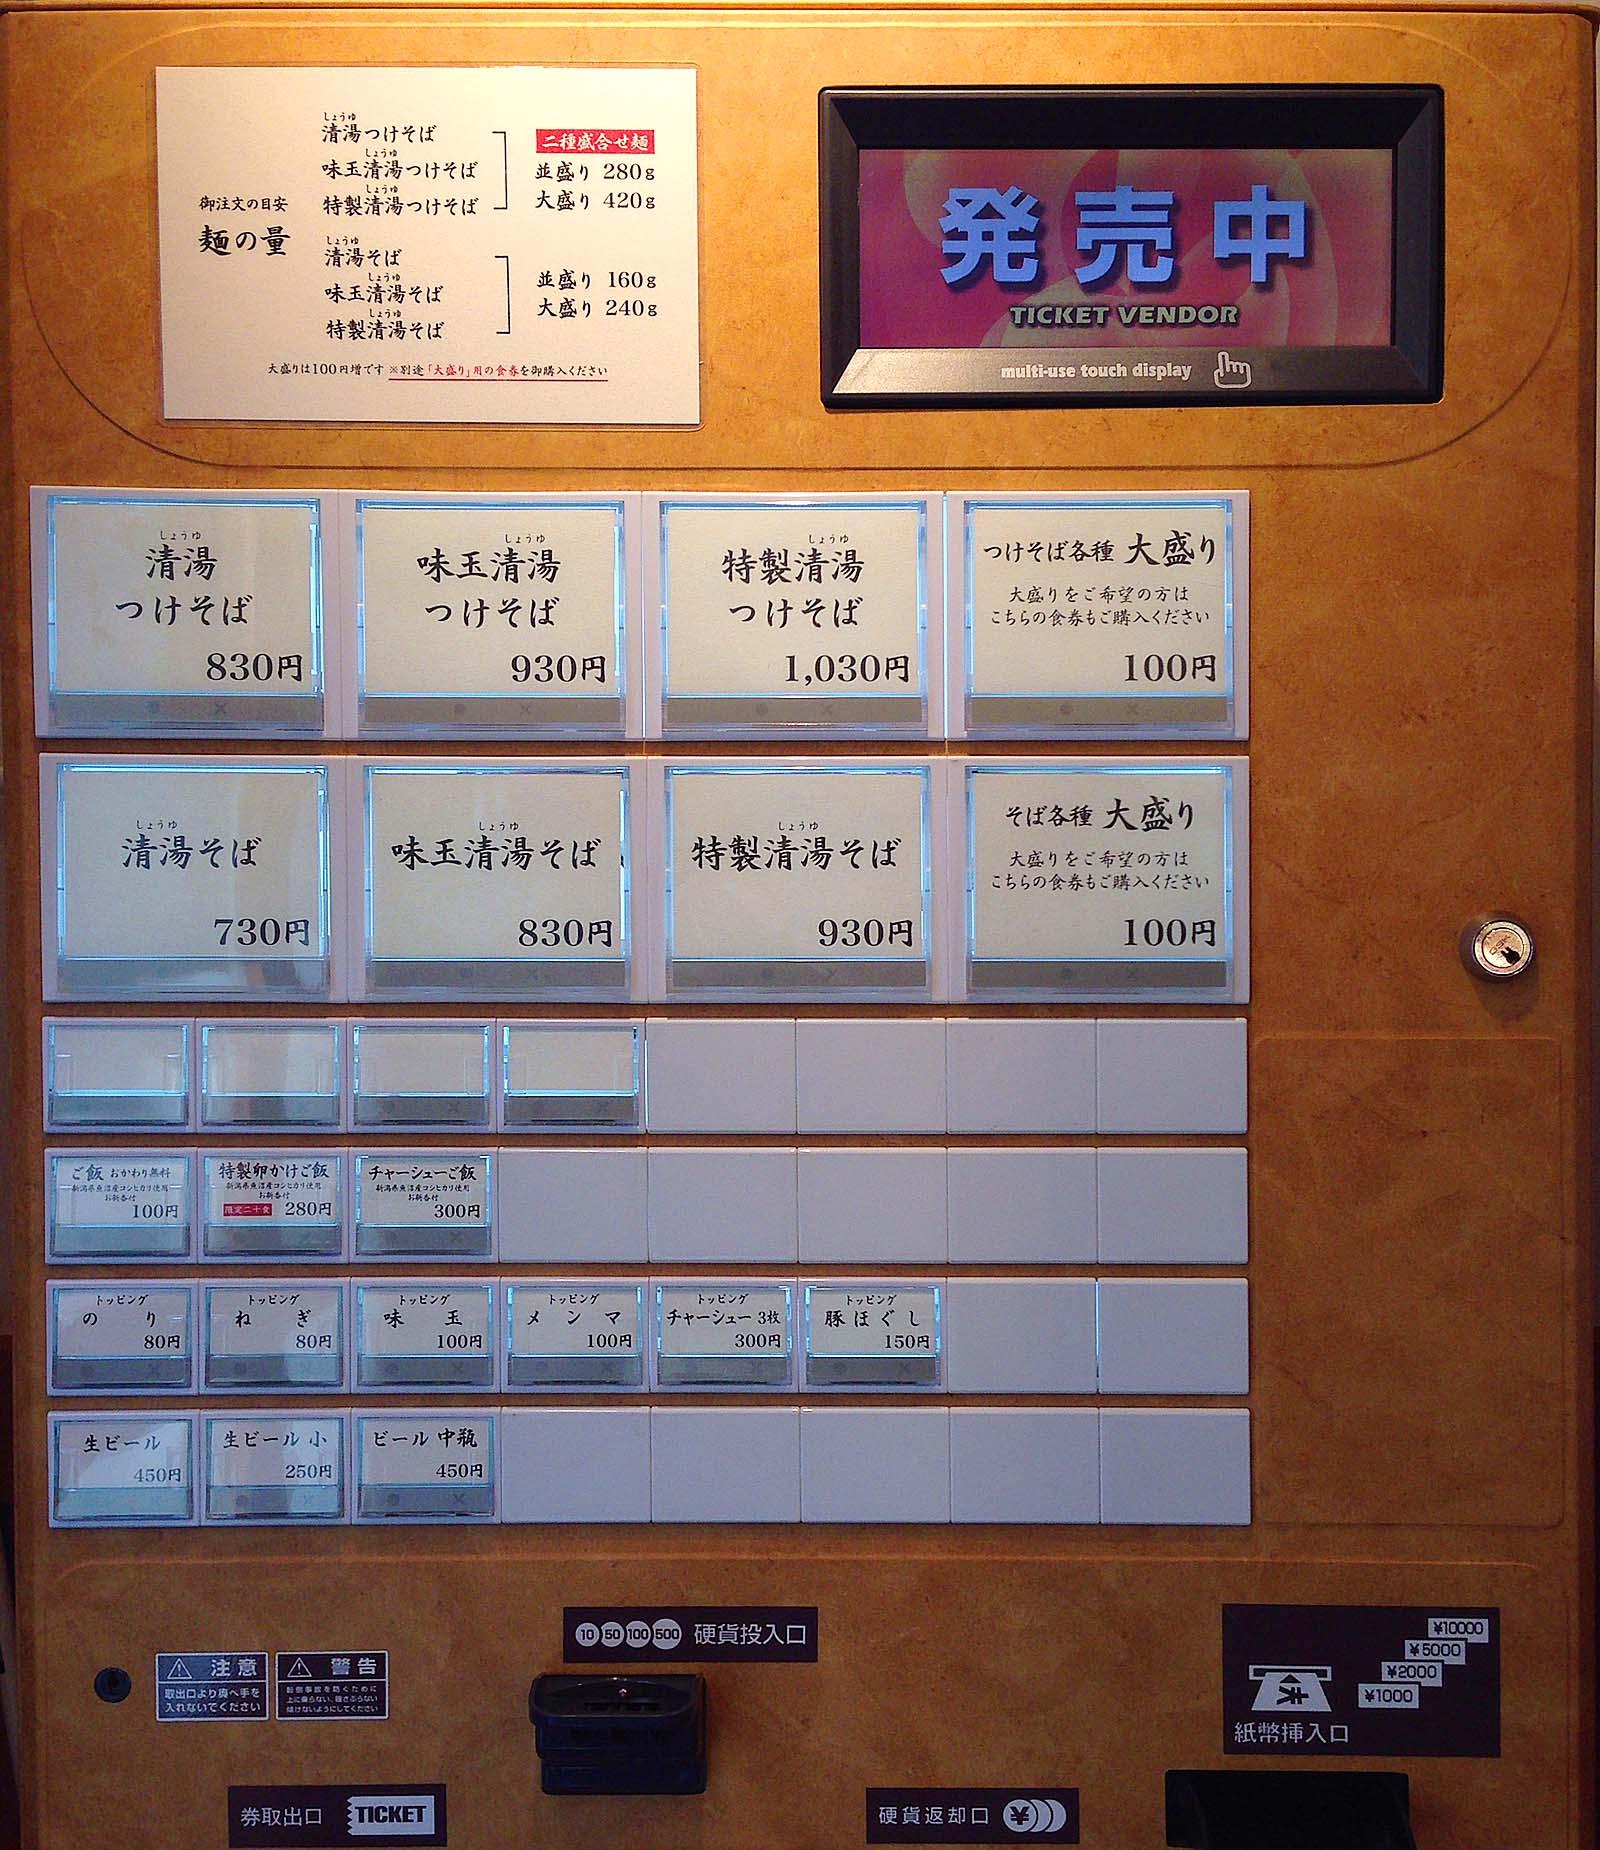 基本メニューはつけそばとそば。「神田 勝本」の券売機メニュー一覧